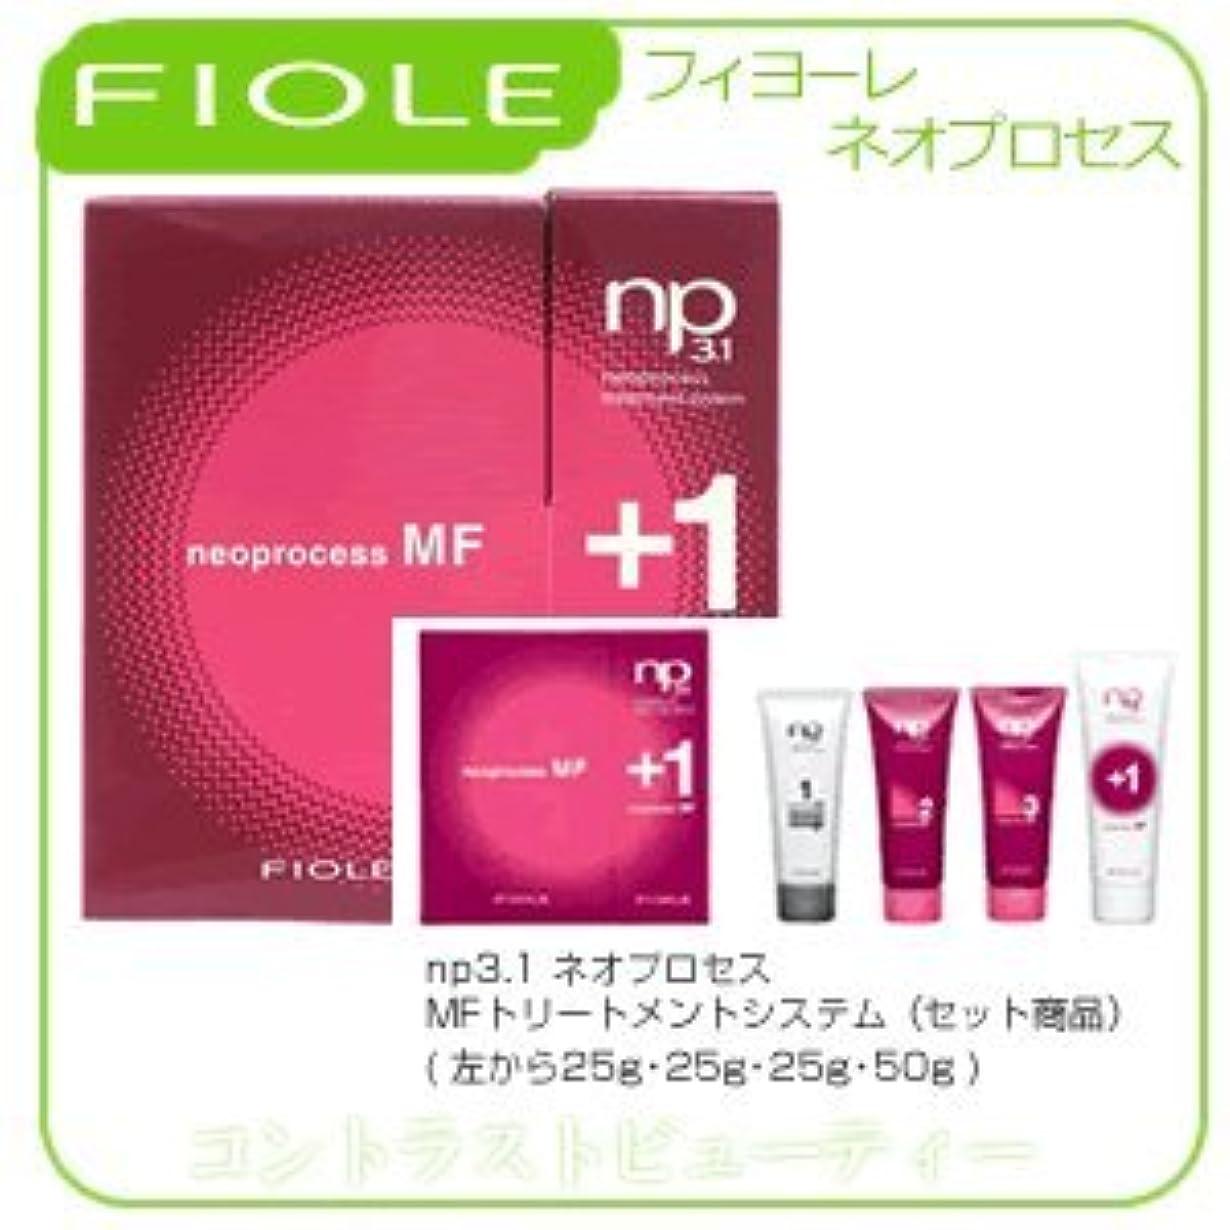 動脈コーンウォールメディックフィヨーレ NP3.1 ネオプロセス MF トリートメントシステム FIOLE ネオプロセス